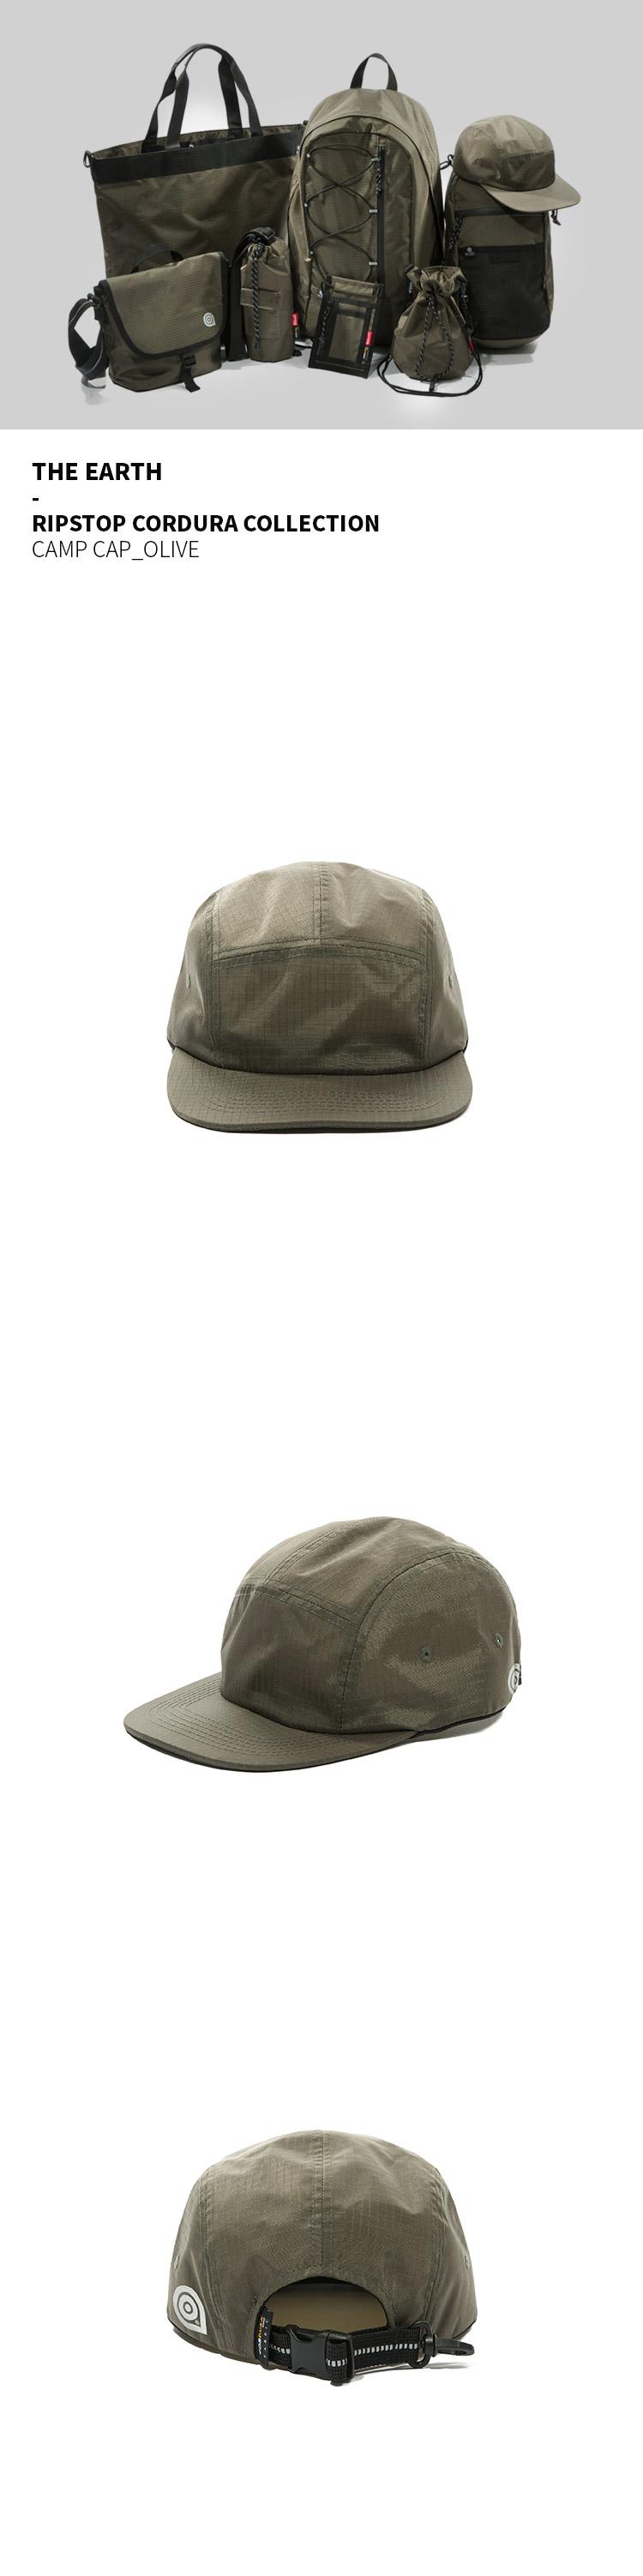 디얼스(THE EARTH) RIPSTOP CORDURA CAMP CAP - OLIVE